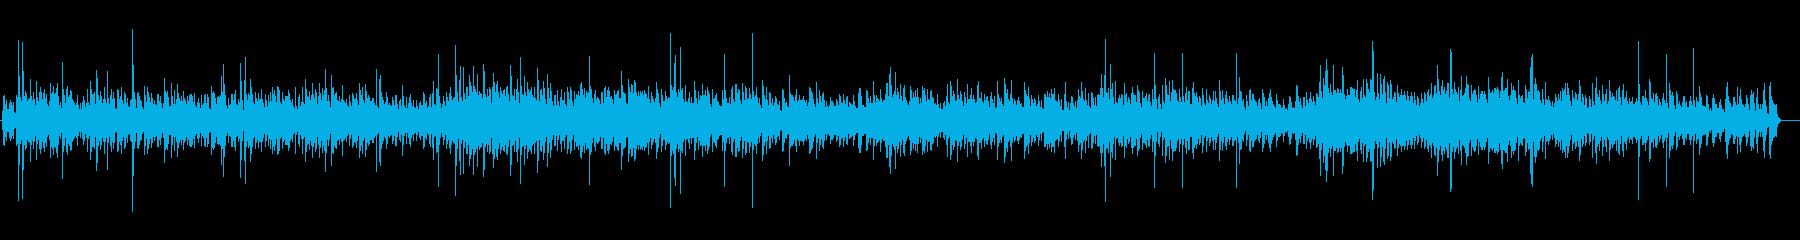 穏やかなぬくもりを感じる優しいBGMの再生済みの波形